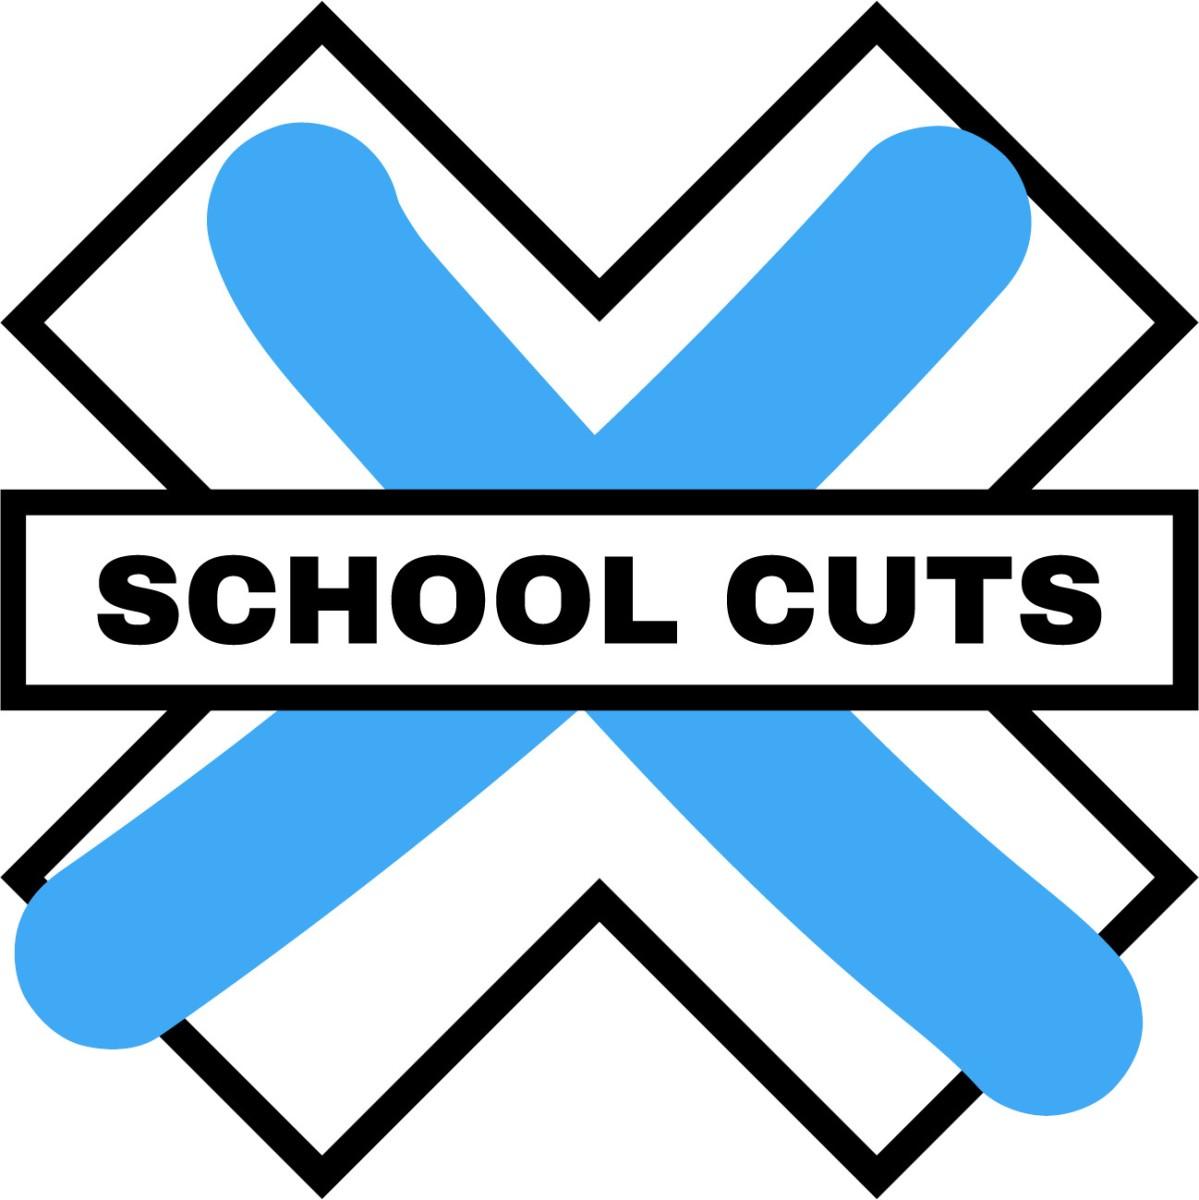 school cuts logo